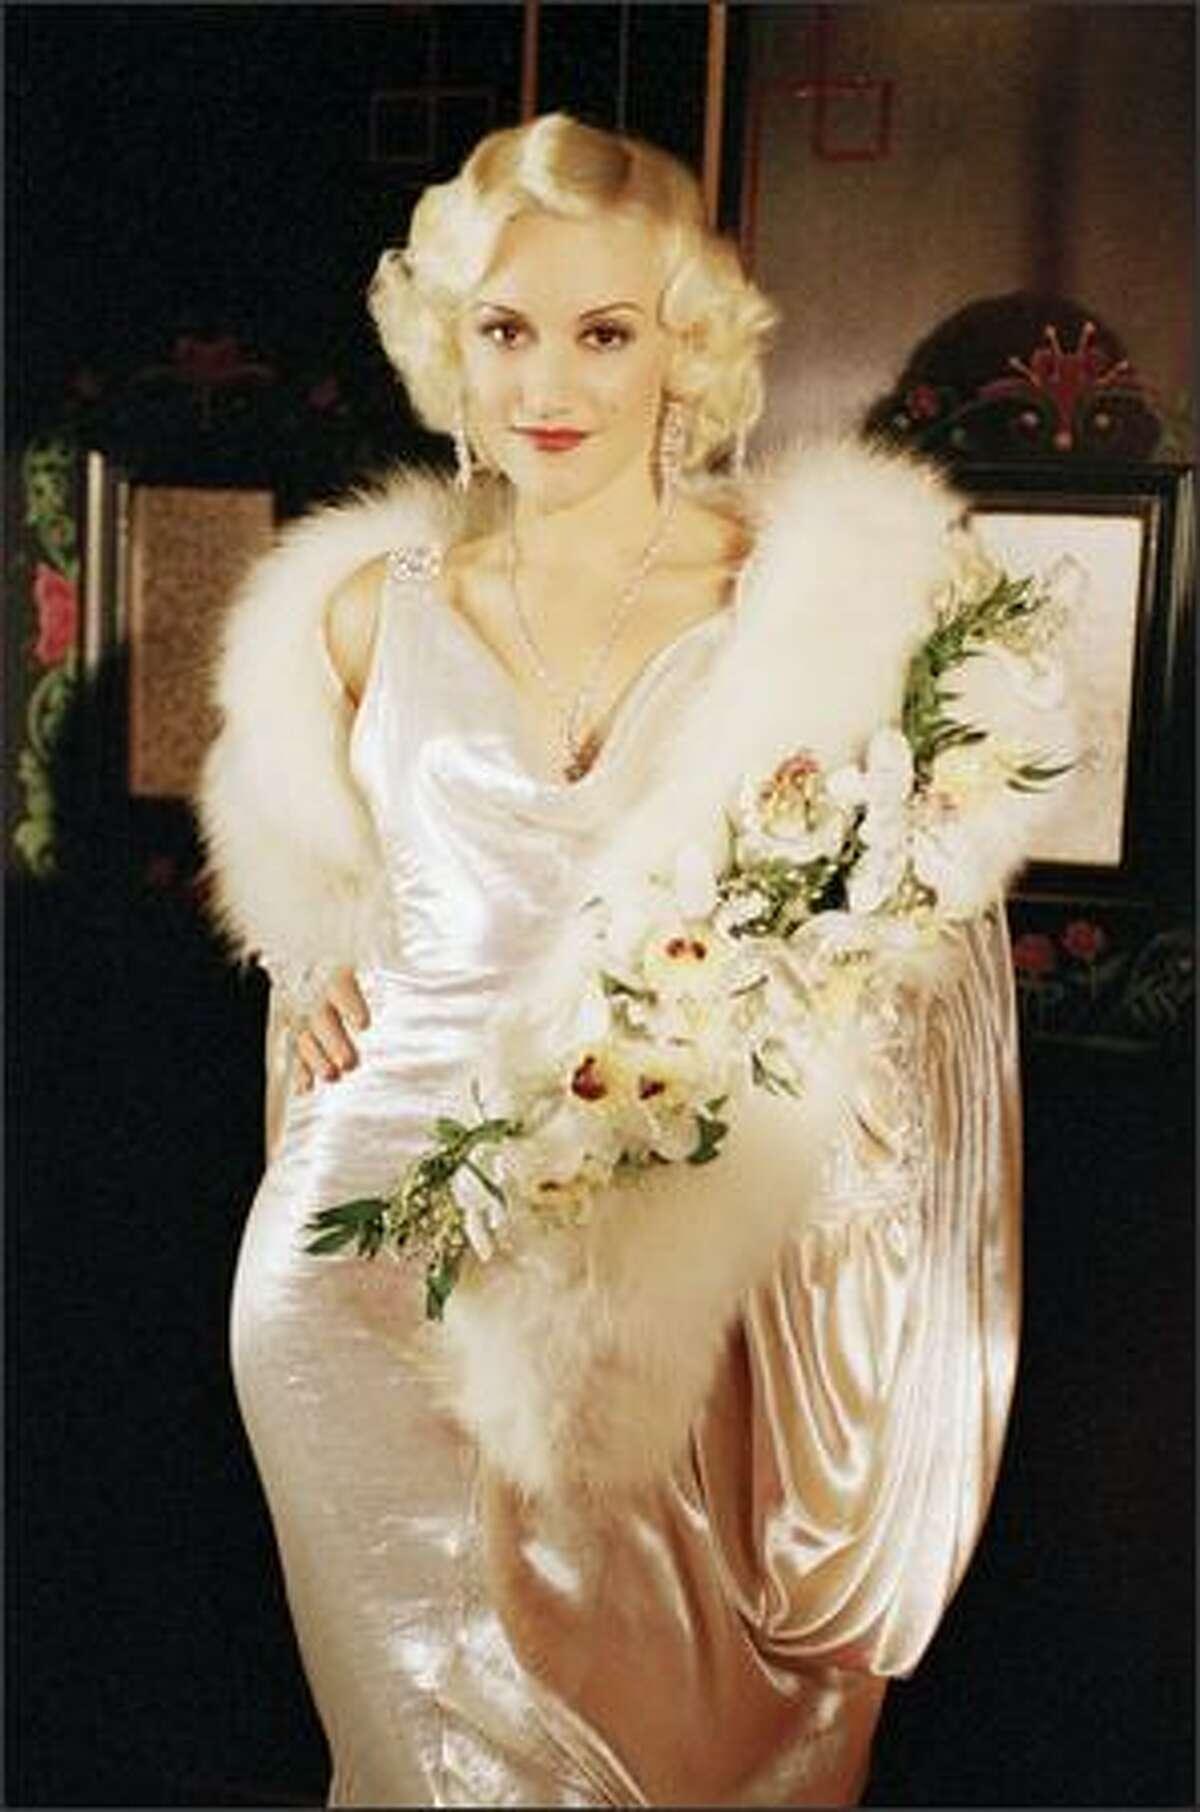 Gwen Stefani stars as Jean Harlow in